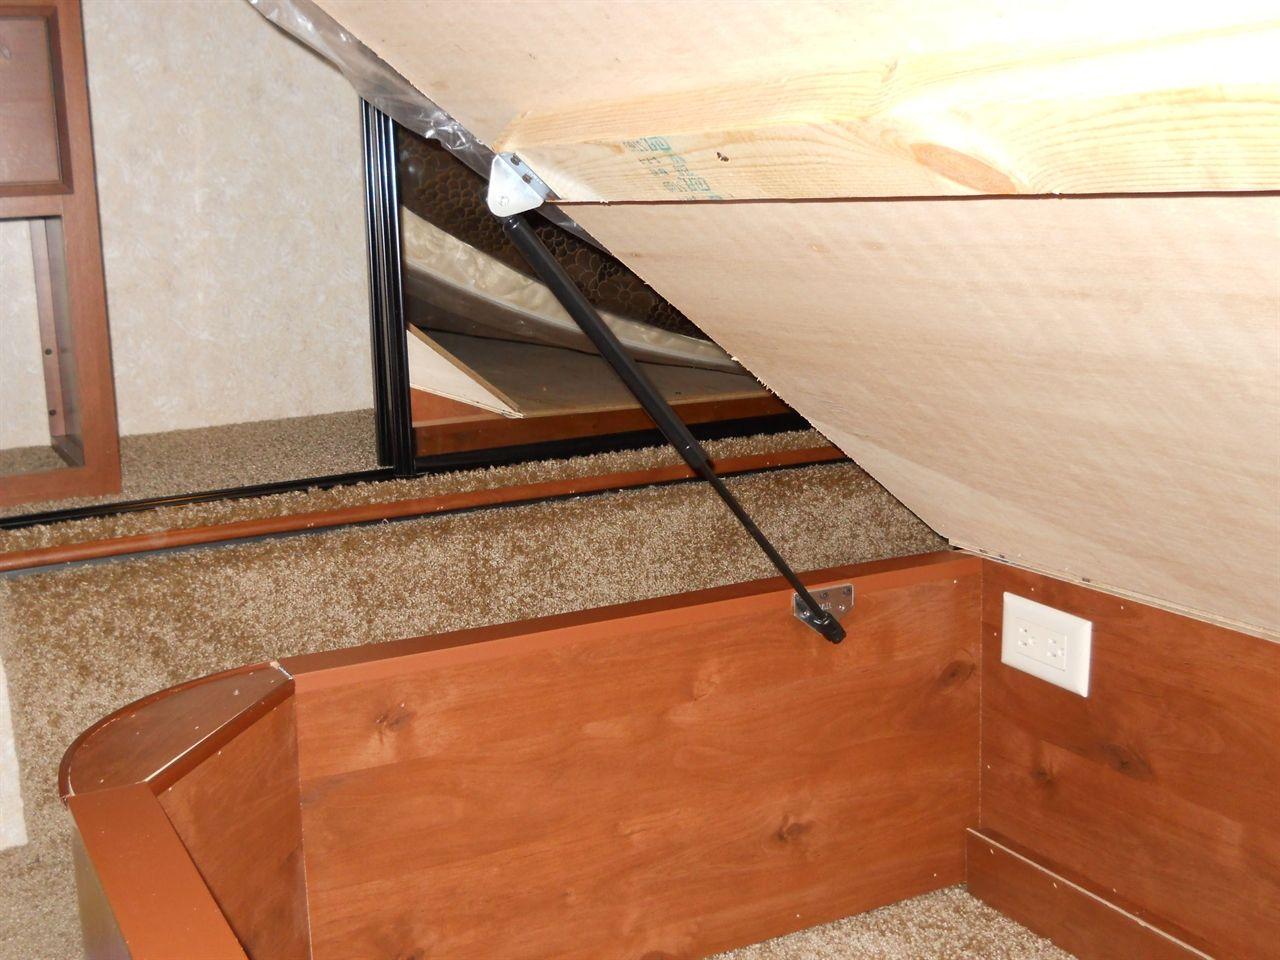 HatchLift Standard BedLift Kit Bed lifts, Remodeled